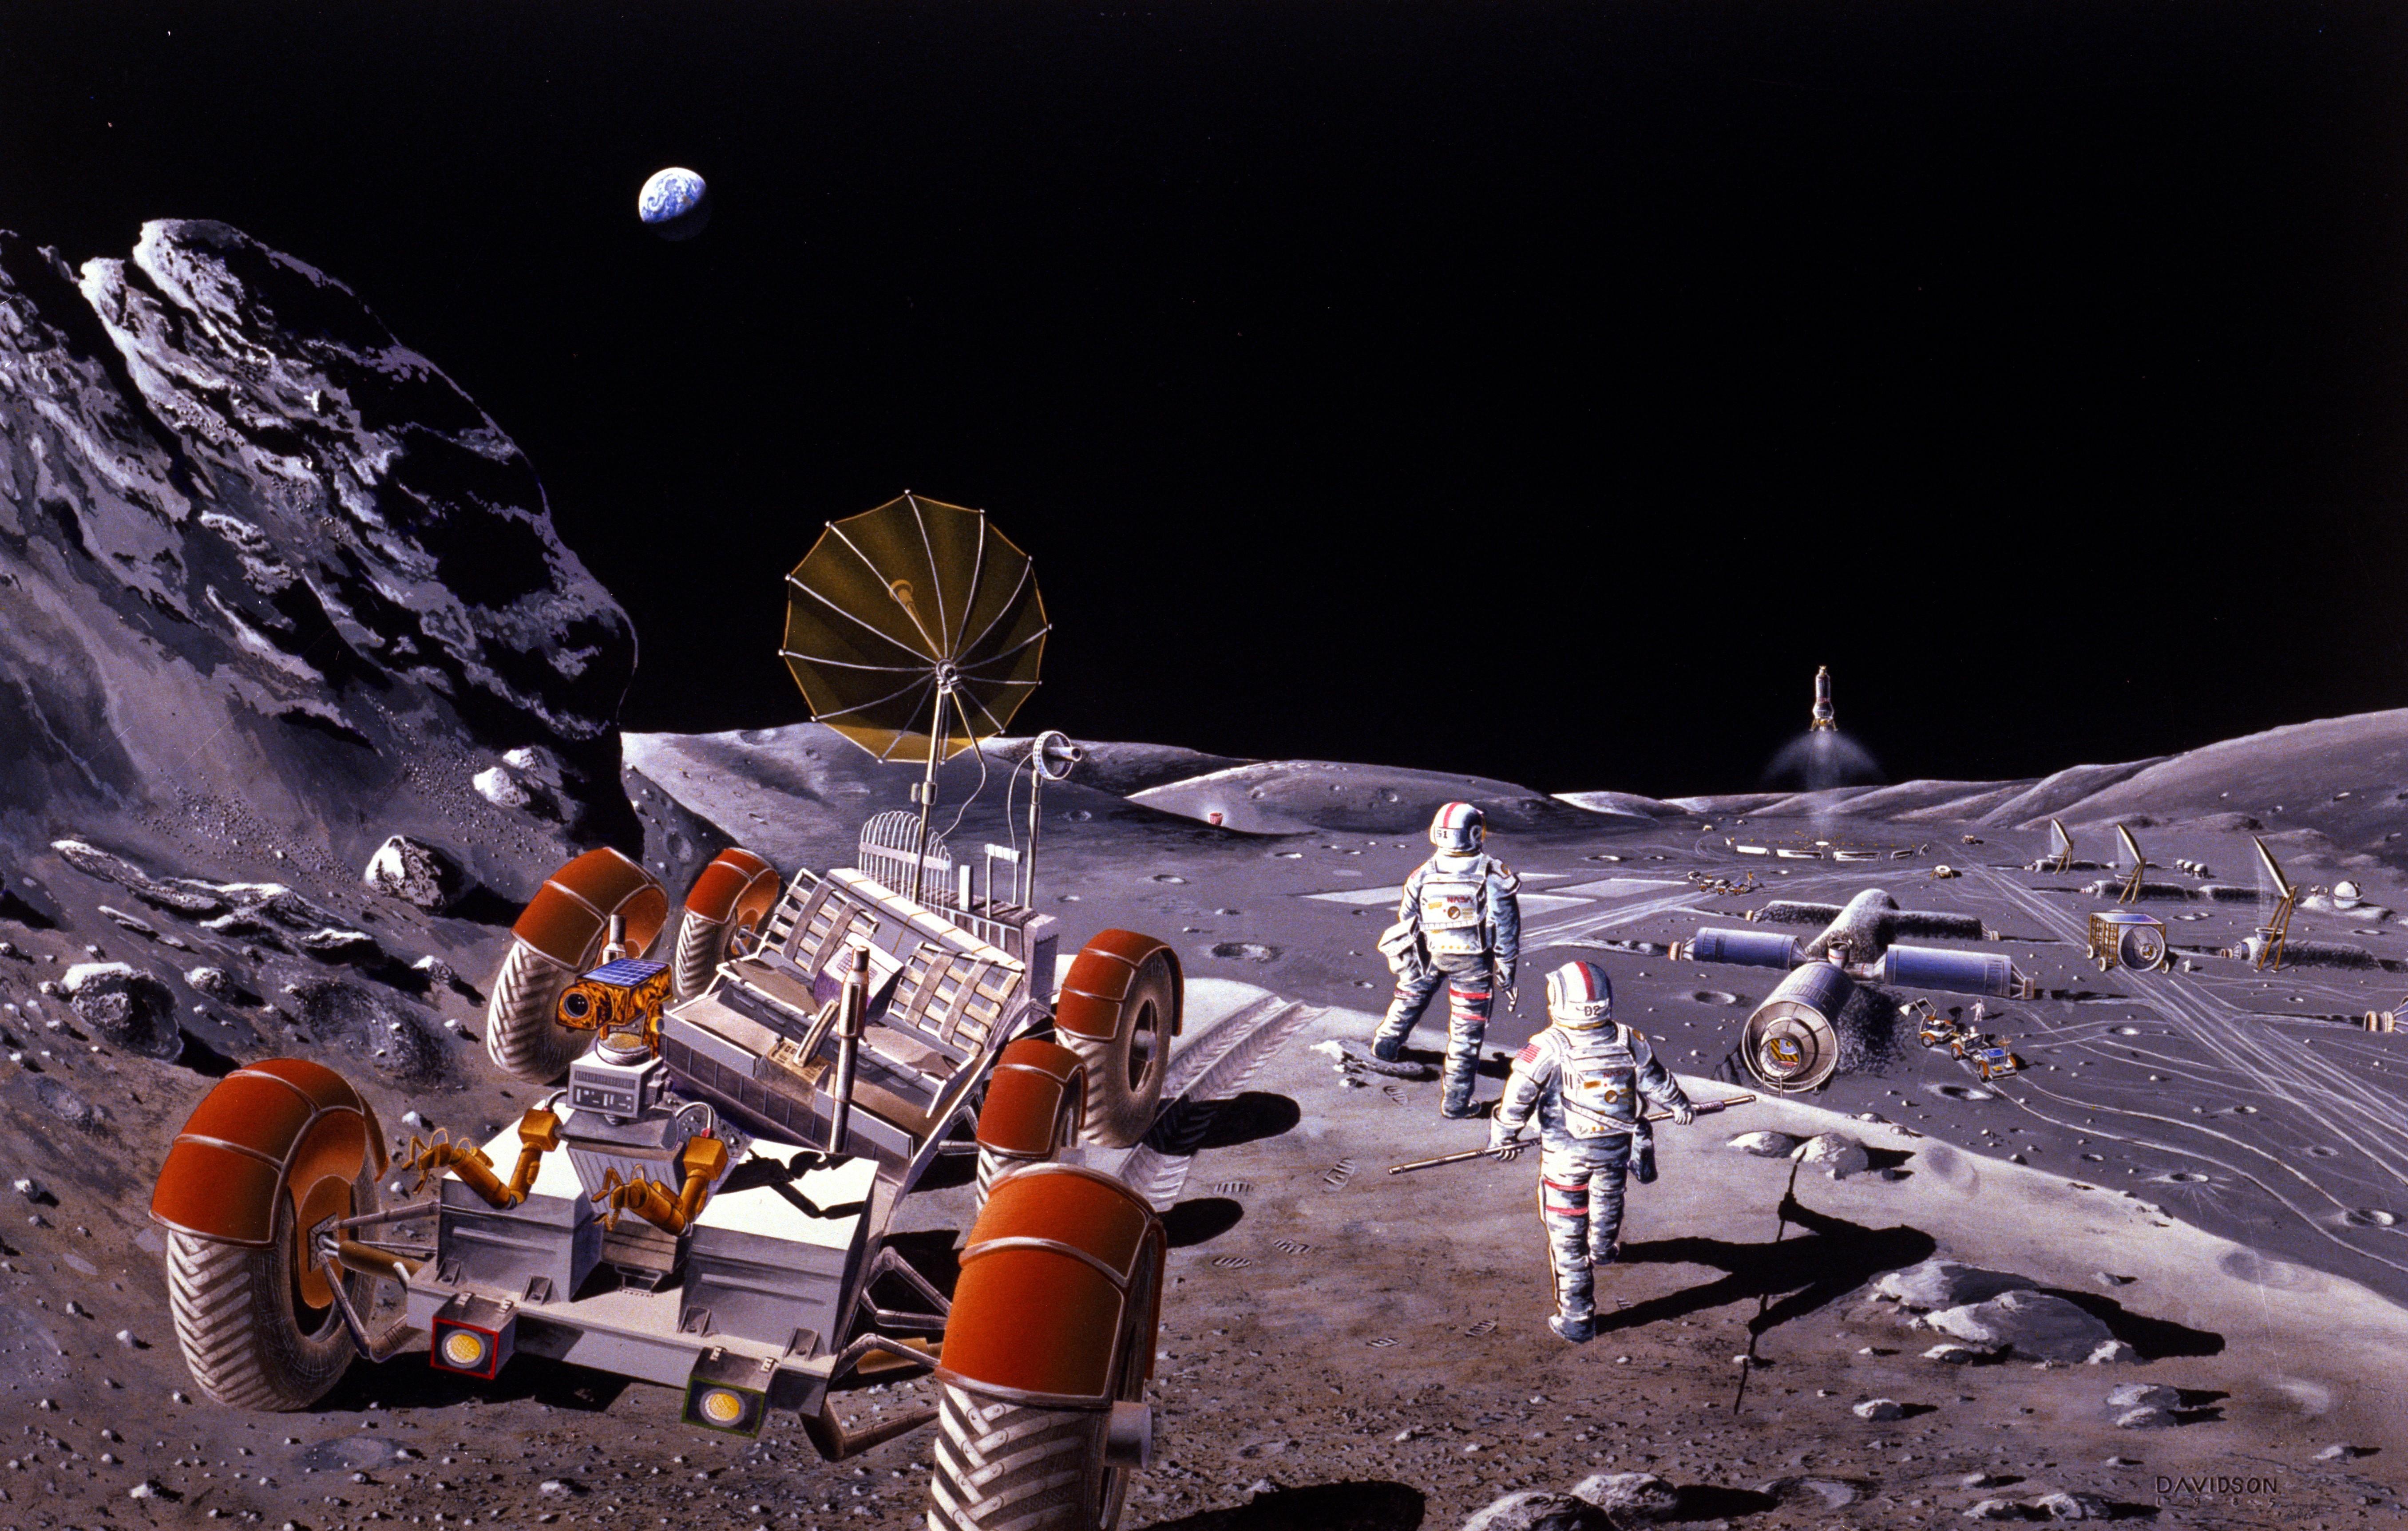 moon base wallpaper - photo #6